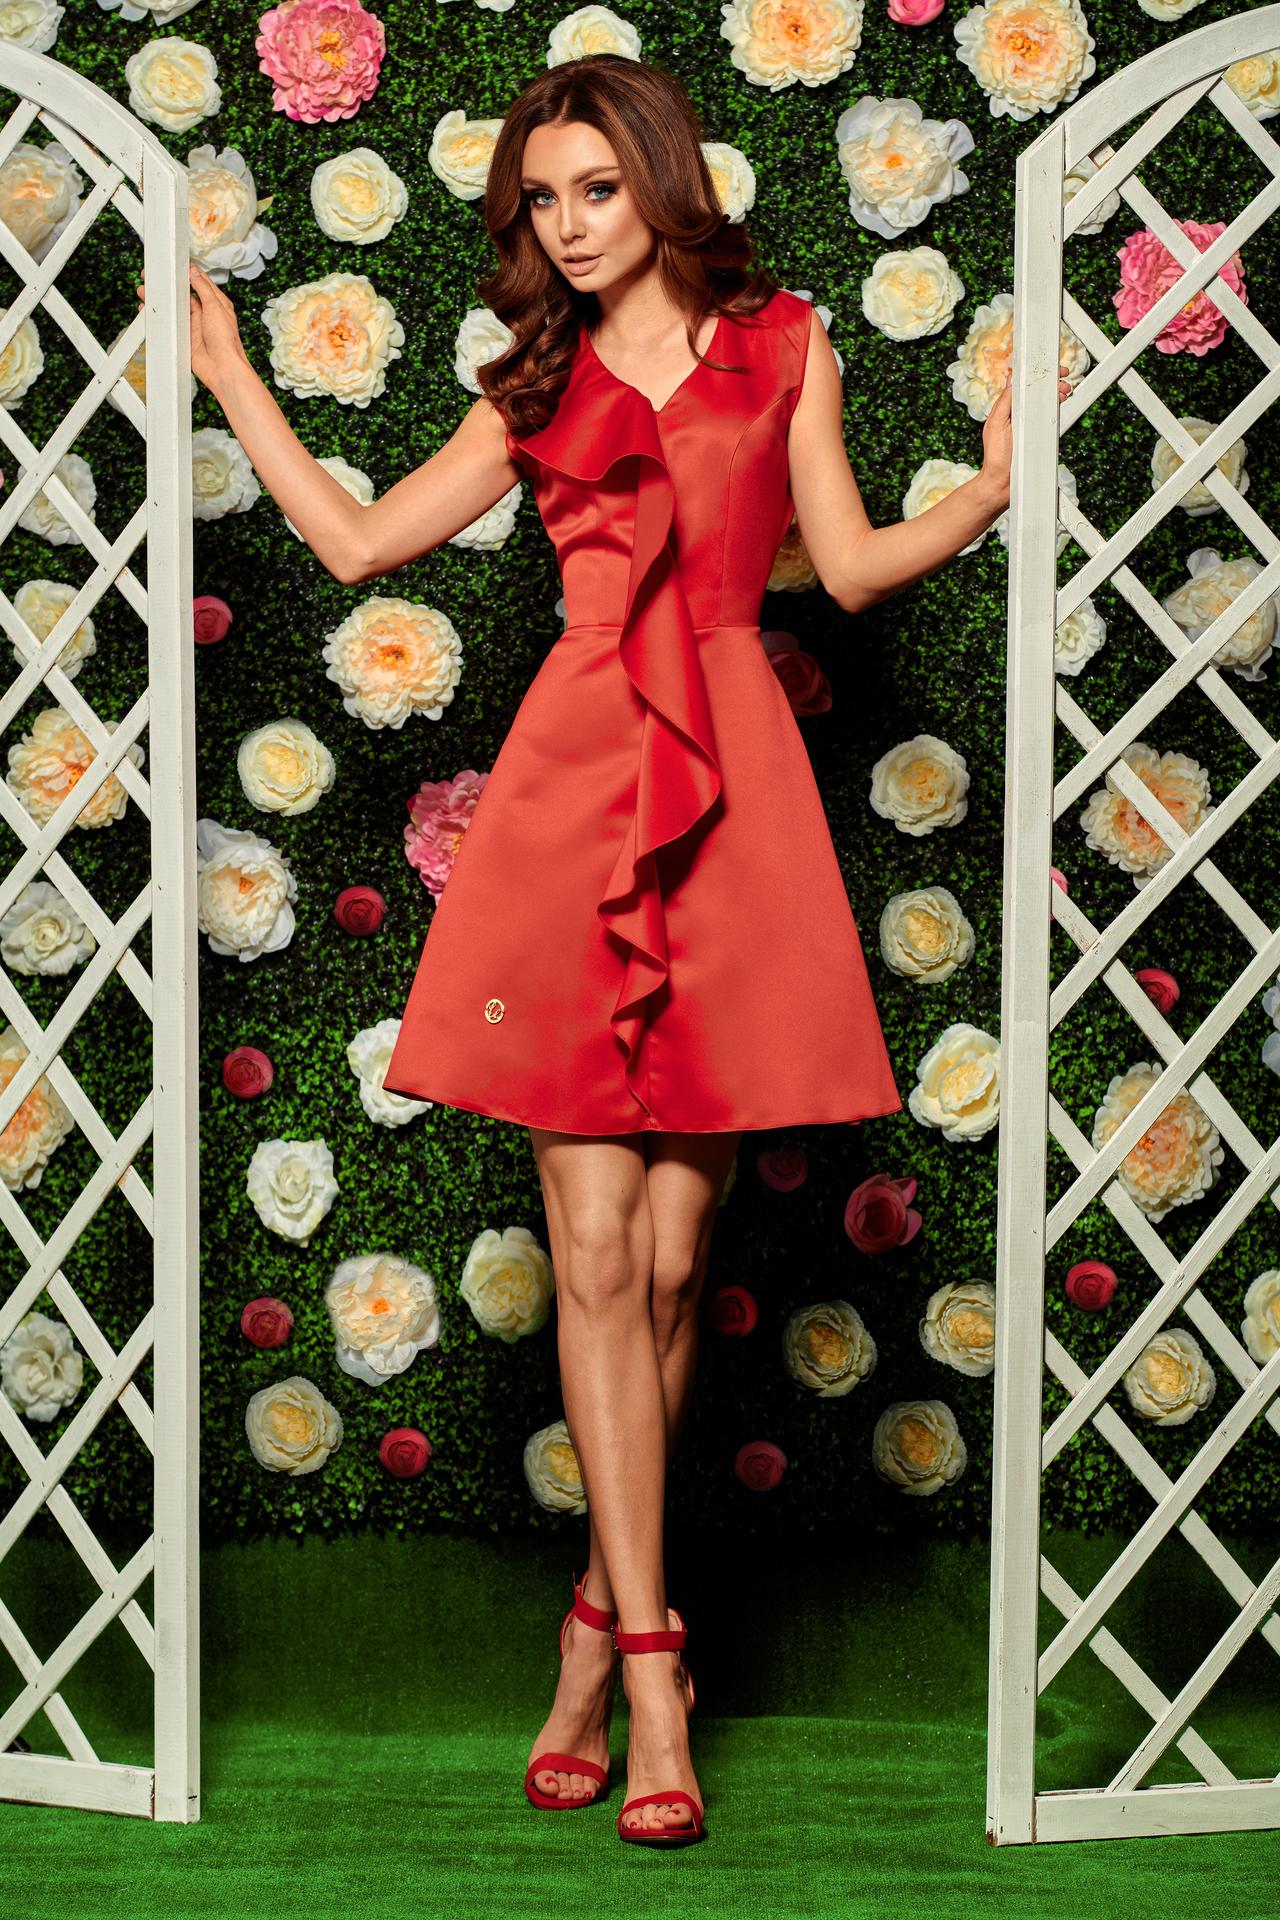 f79458f288c Volangiga kleit (erinevad värvid) LL259   Kleidid   Pidulikud ...